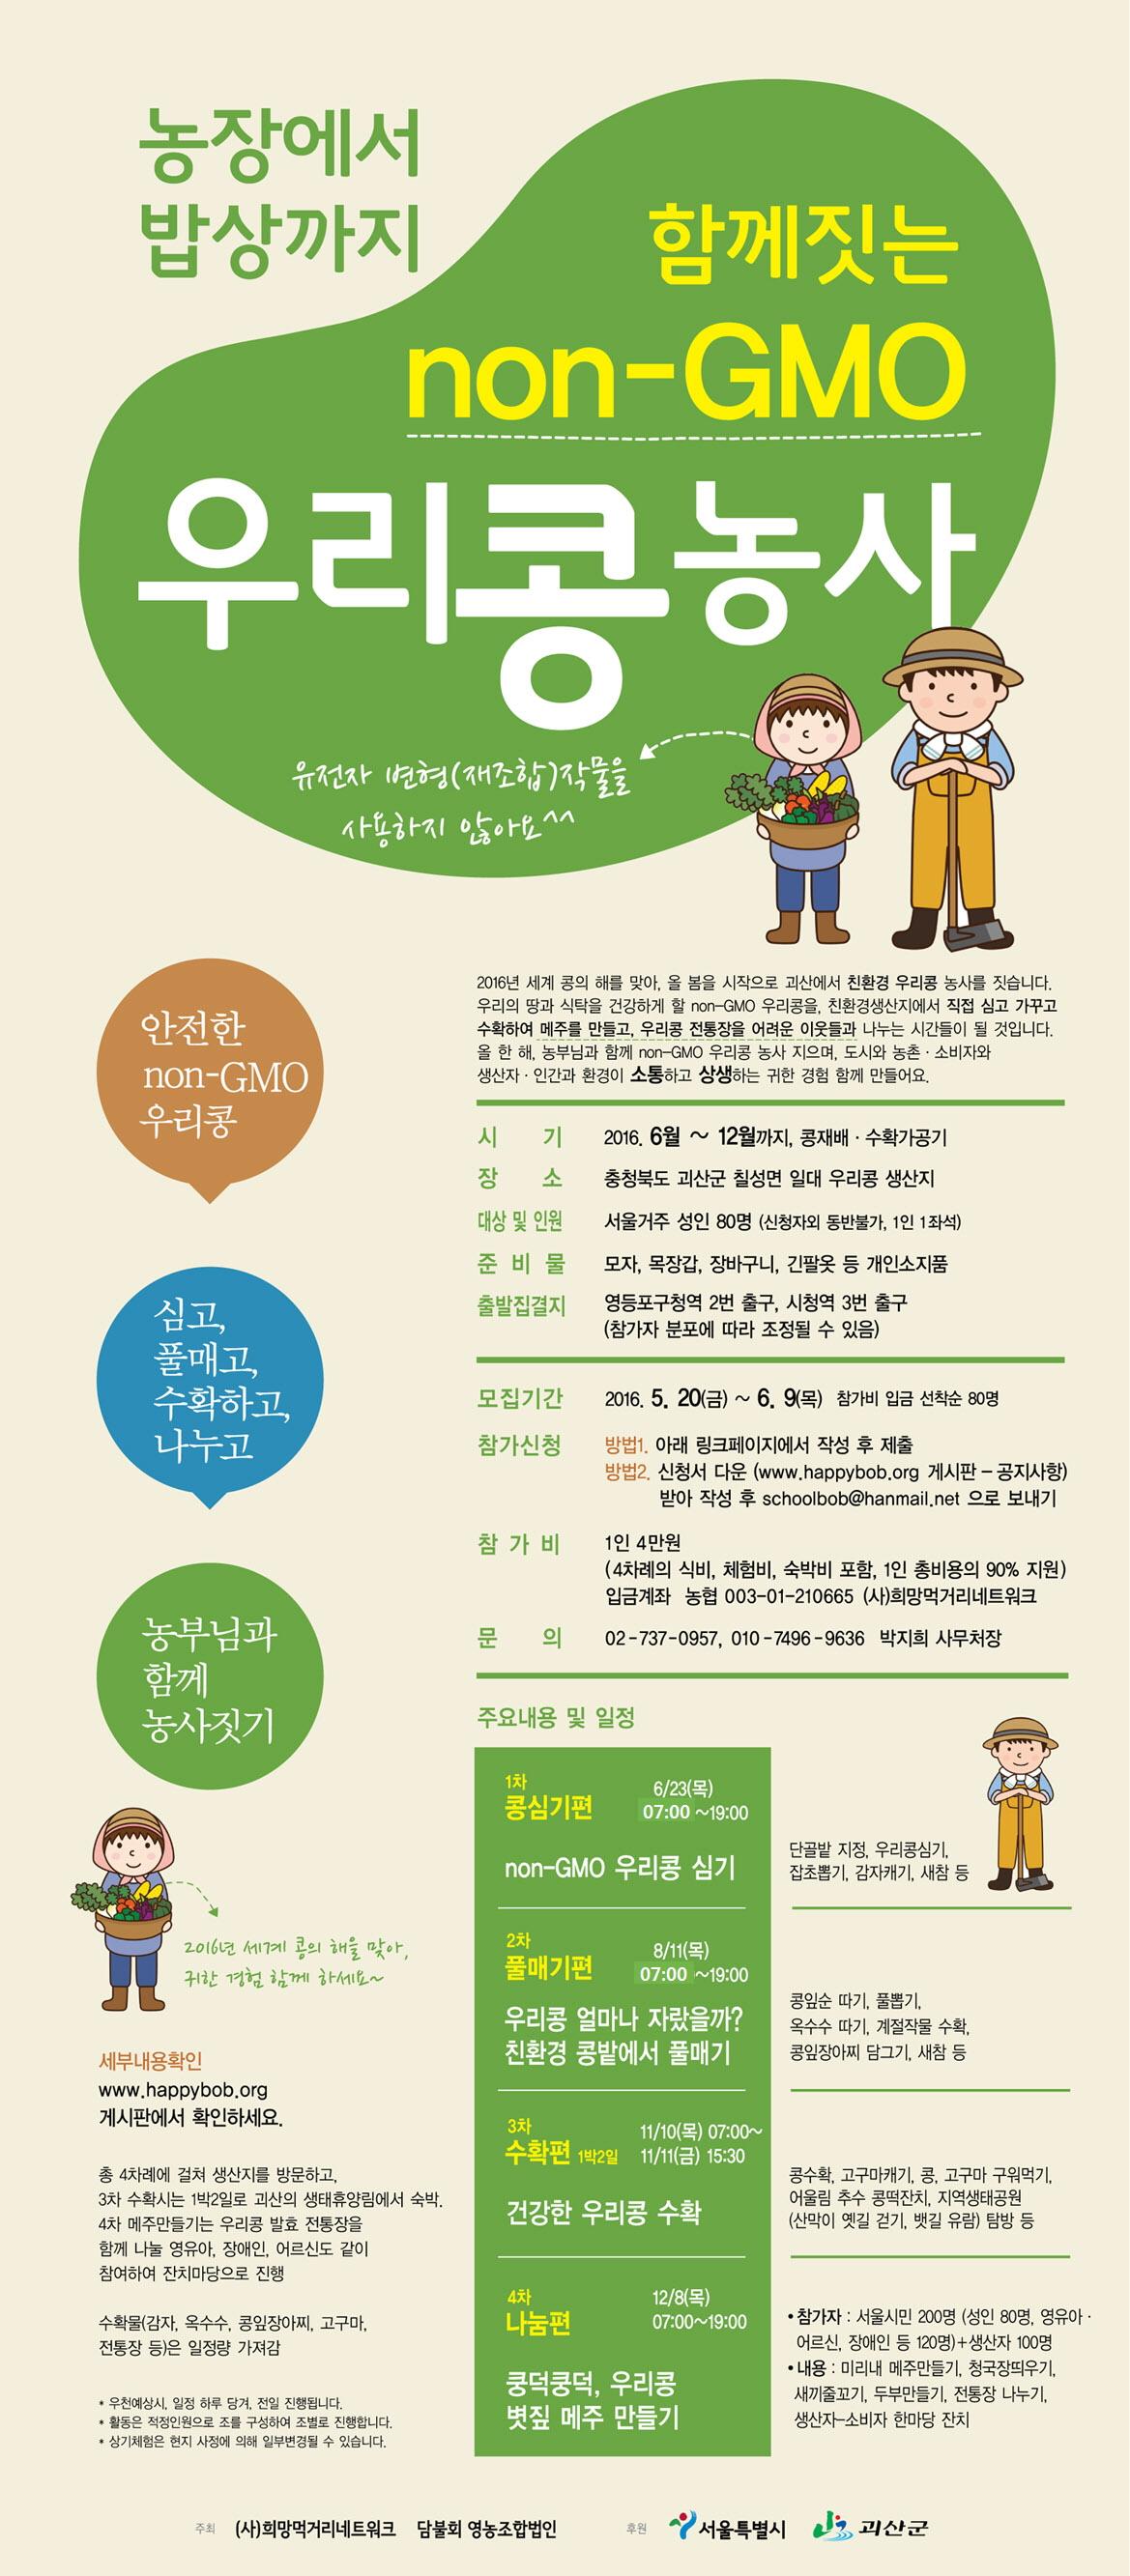 160524_non_GMO_webposter(mobile)_7_최종.jpg